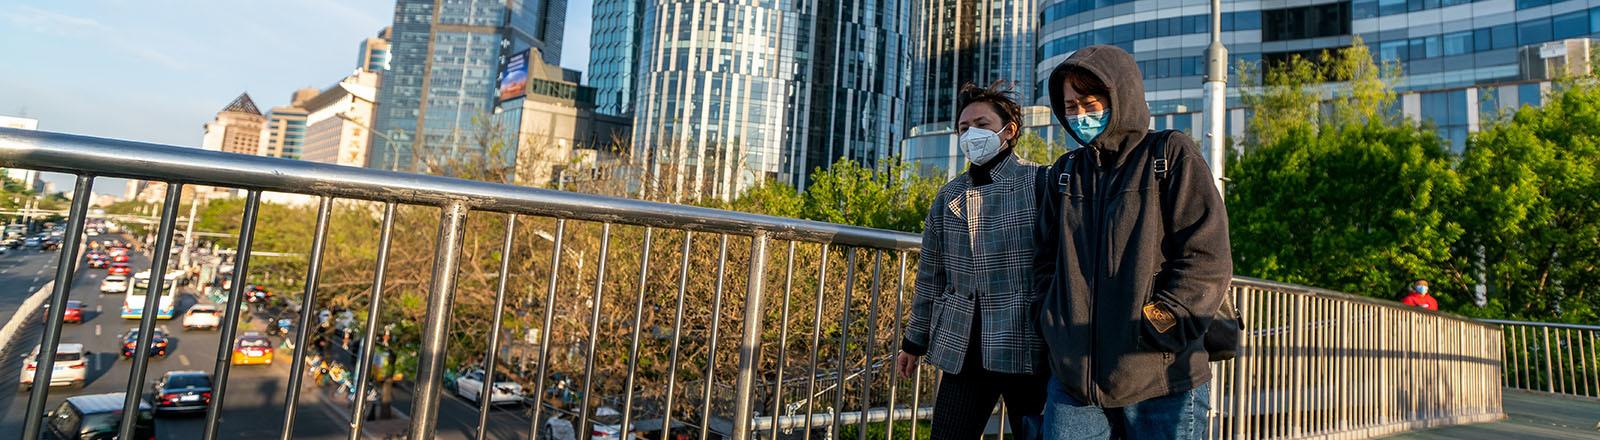 In Peking laufen zwei Personen über eine Fußgängerbrücke über eine mehrspurige Straße. Beide tragen Mundschutz (23.04.2020)